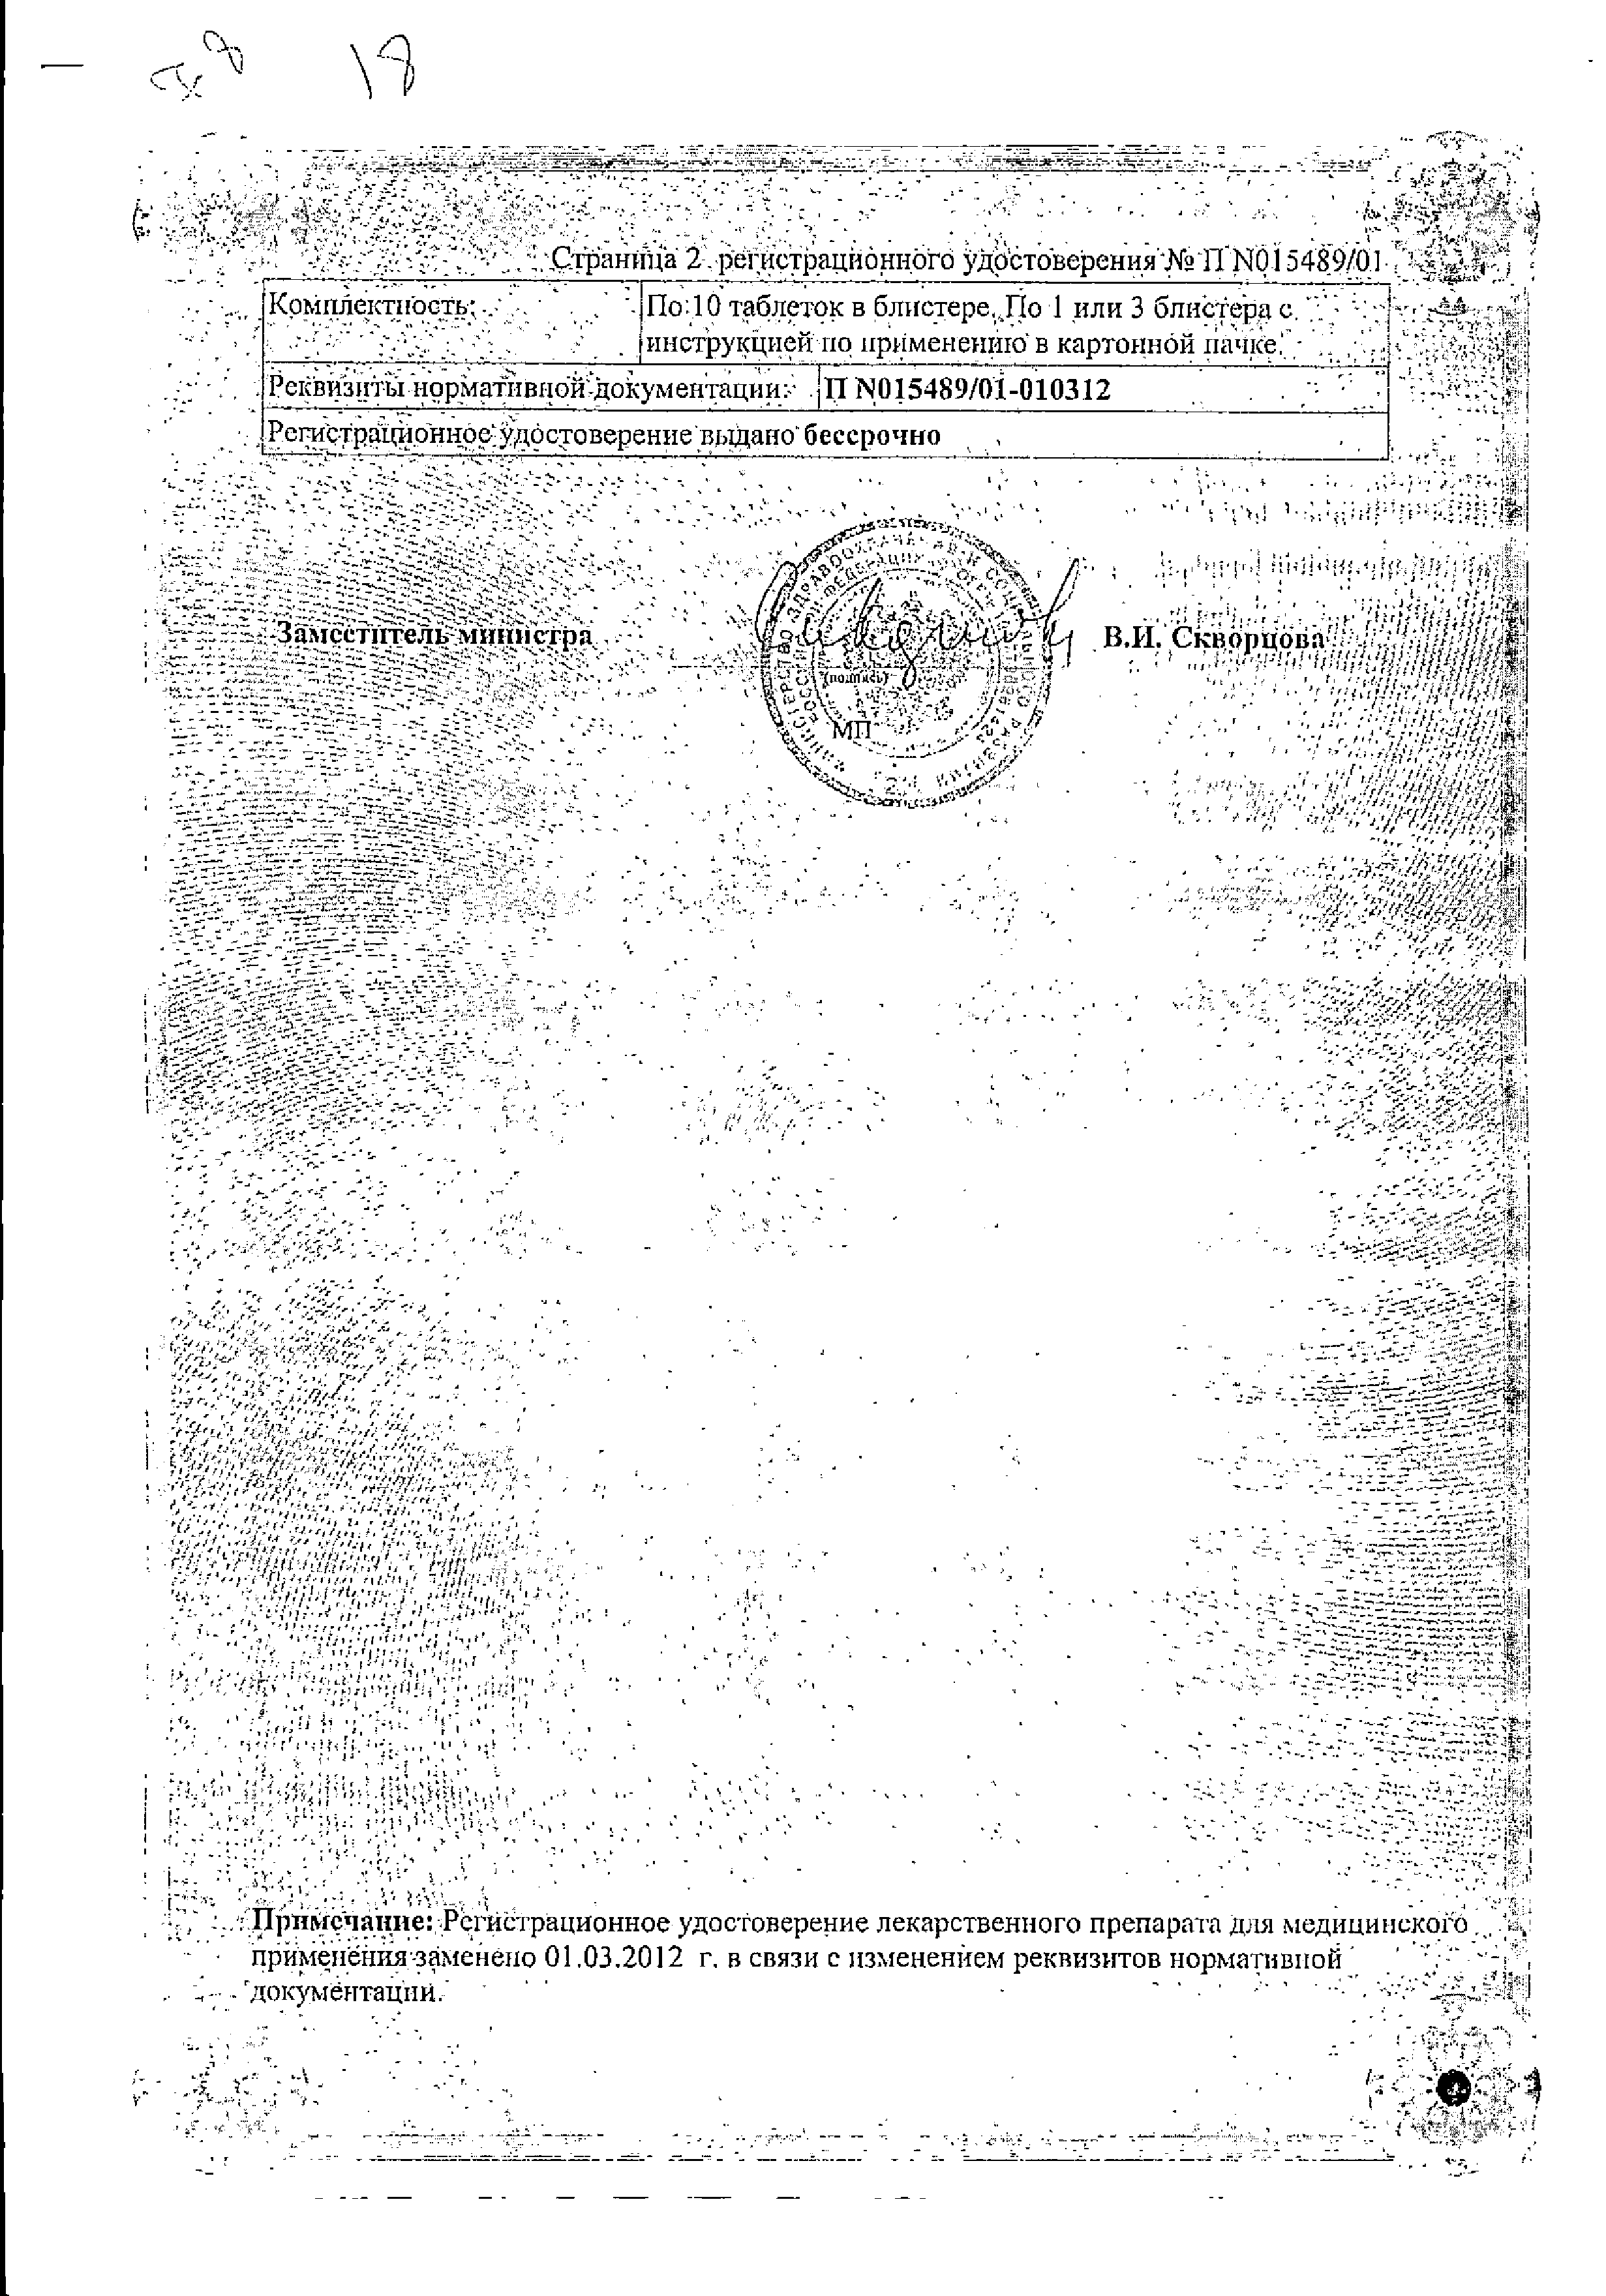 Метадоксил сертификат